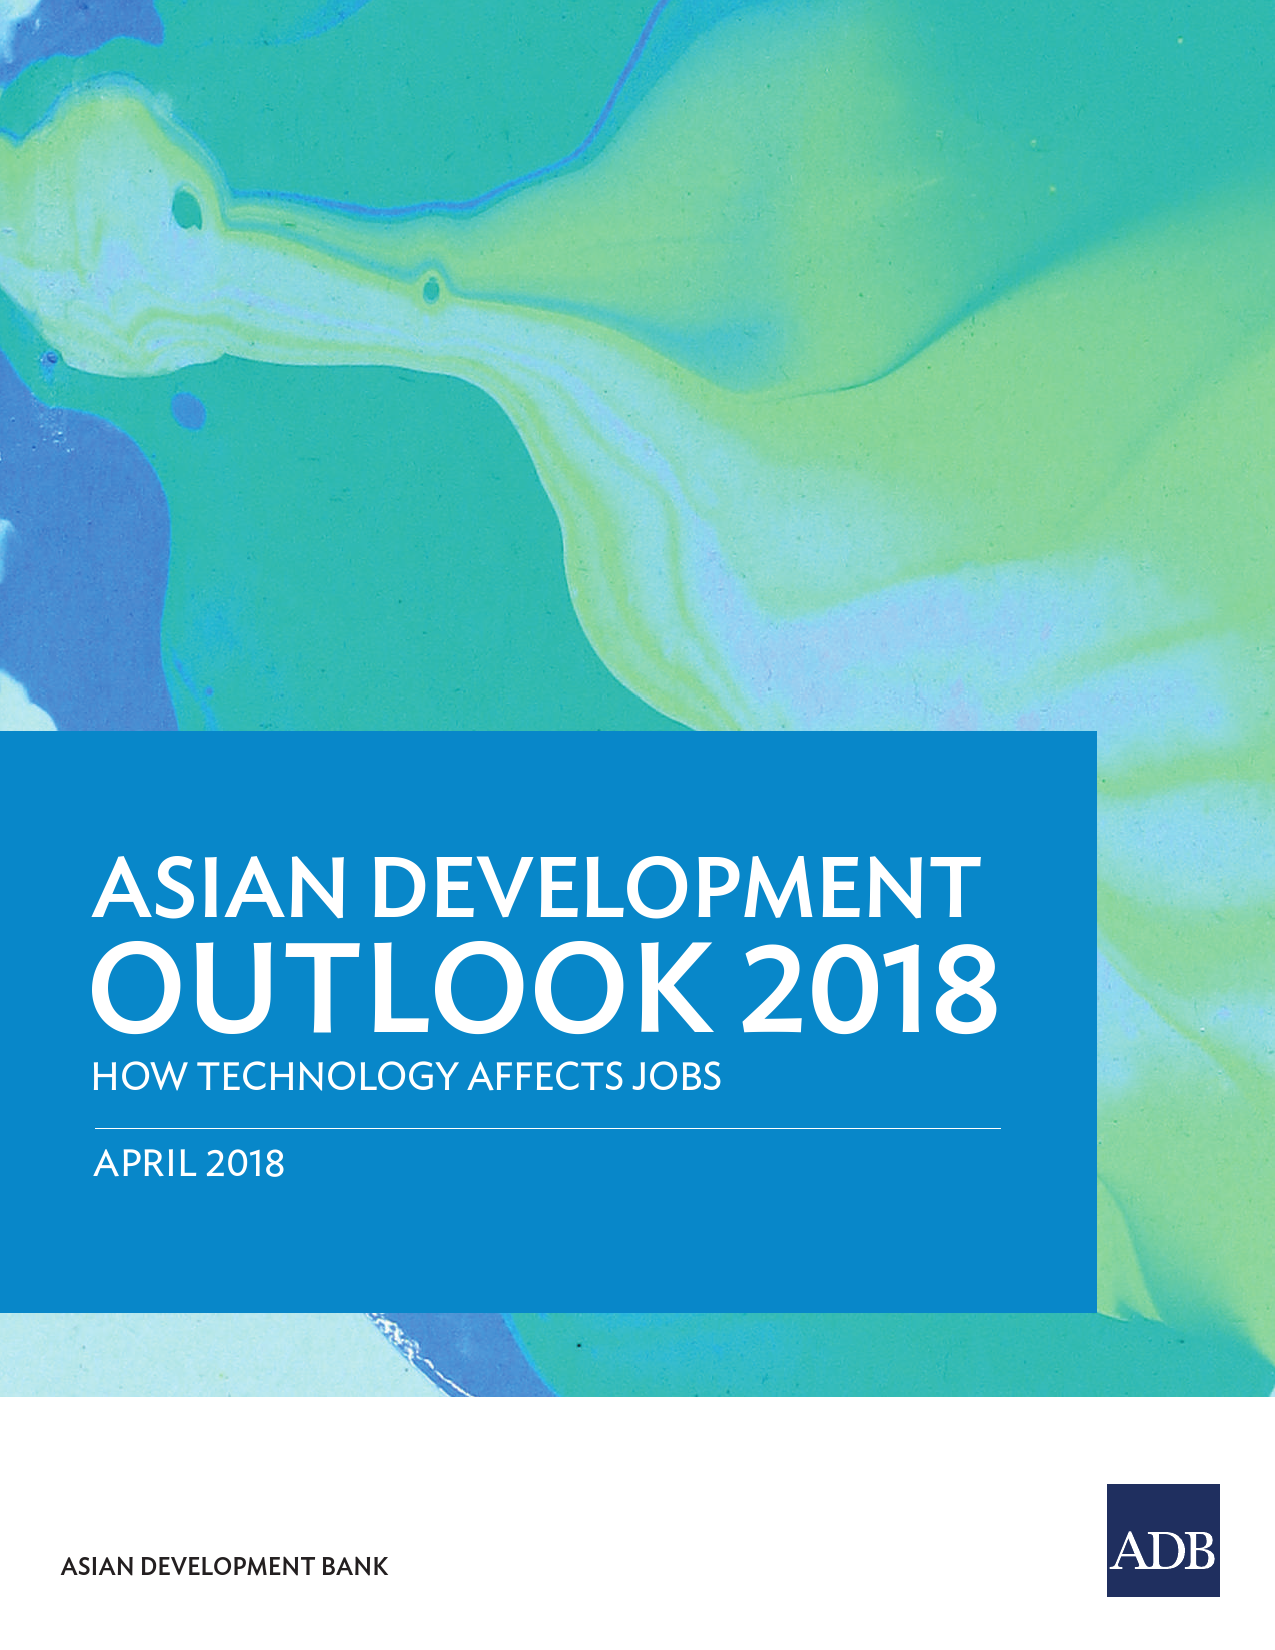 2018年亚洲发展展望报告:科技如何影响工作